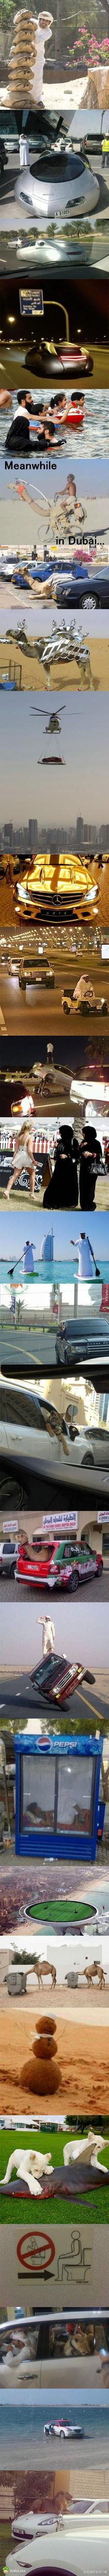 迪拜土豪的日常